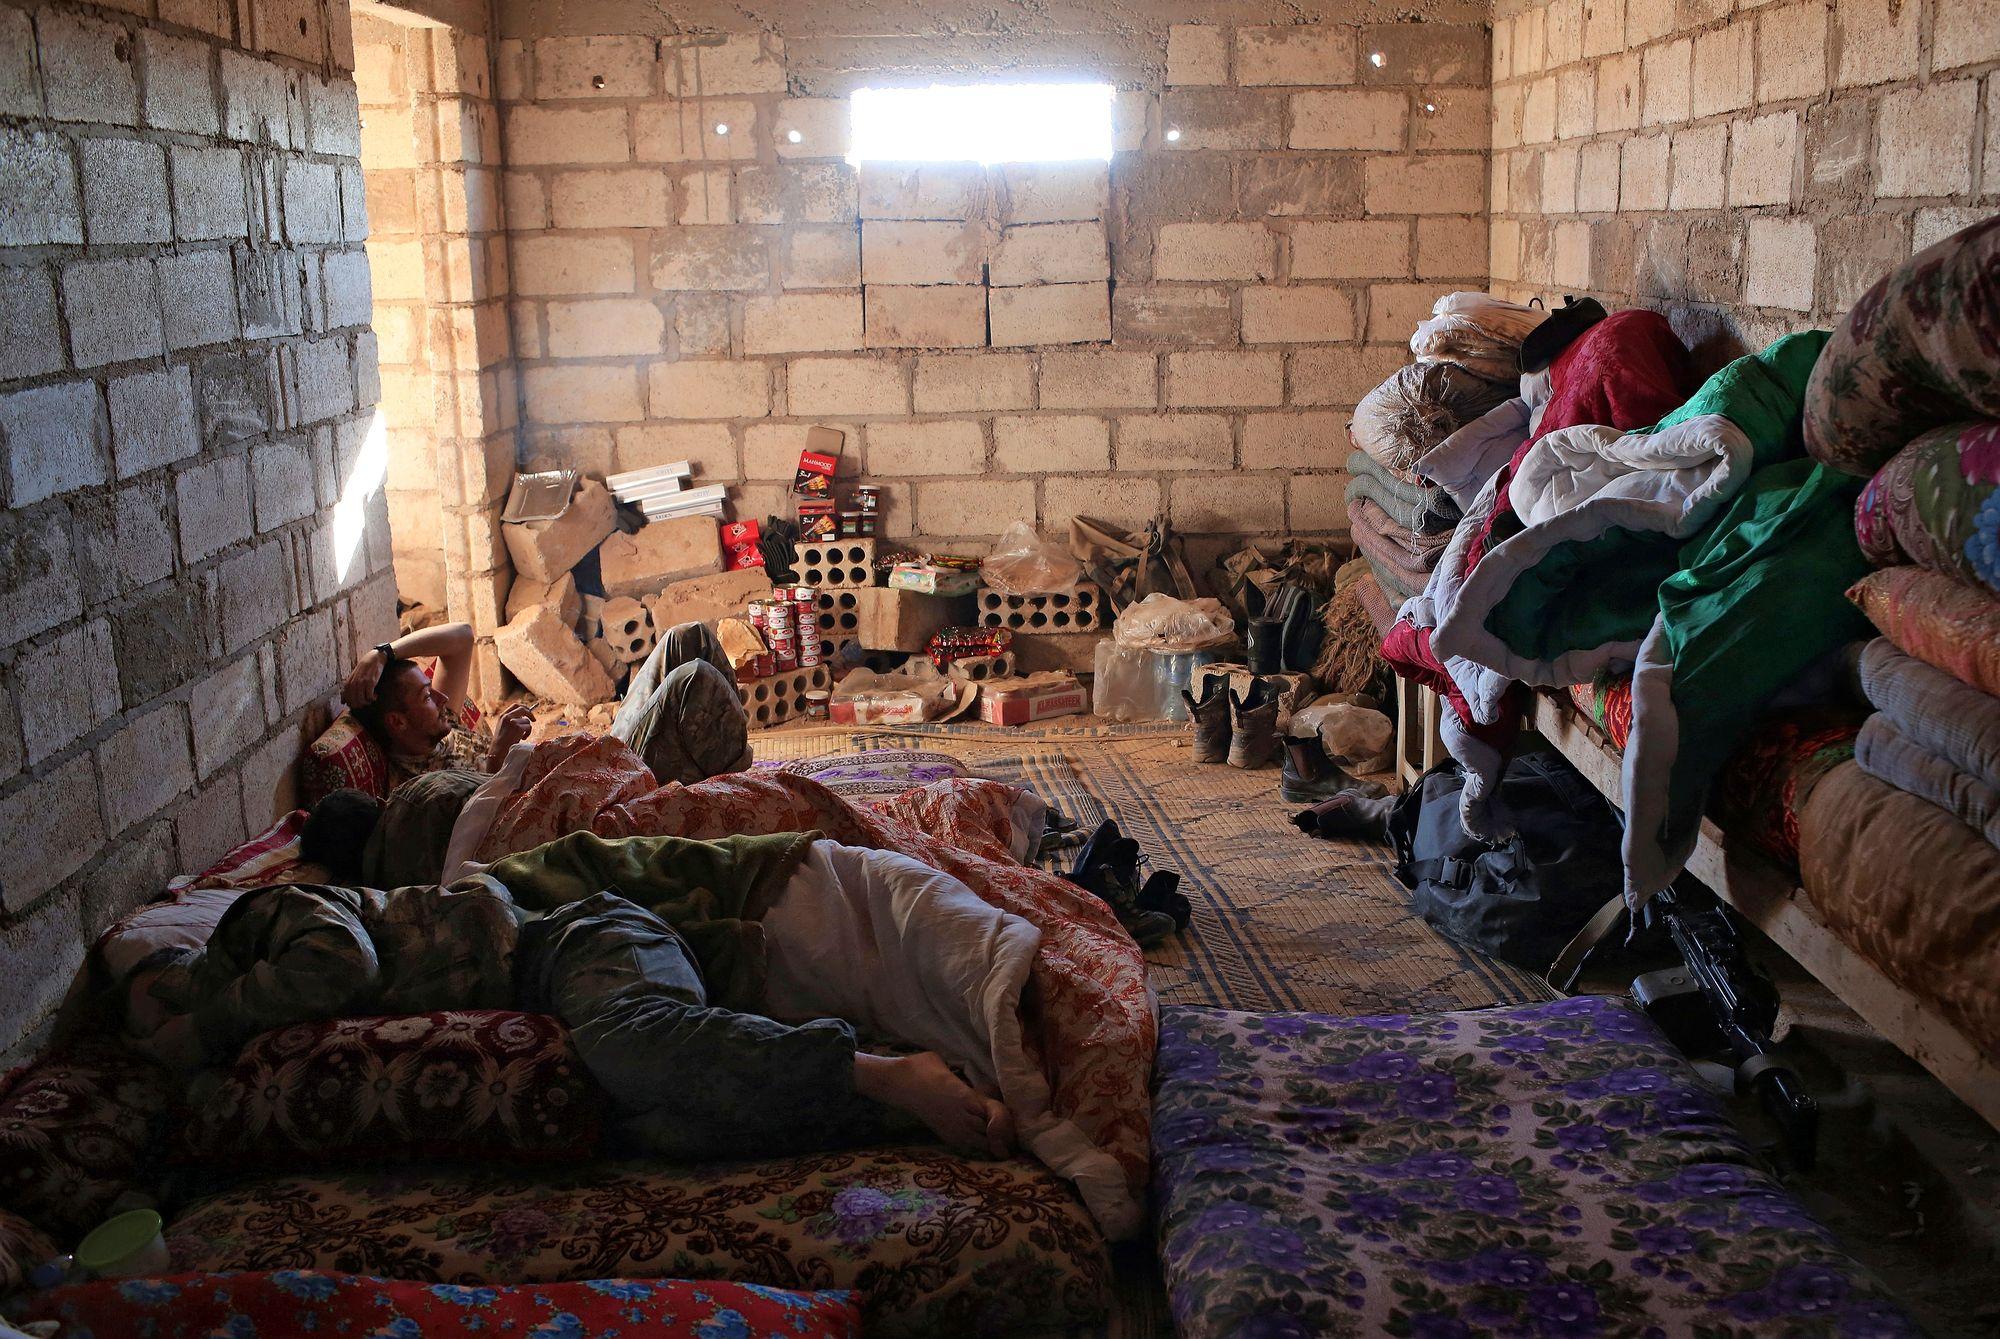 Kurdien puolelle ISIS:iä vastaan saapui 2014–2019 lukuisia vapaaehtoisia eri maista. Taistelijat ja auttajat majoittuivat askeettisiin oloihin, usein sotatoimien vaurioittamiin taloihin. © Getty Images